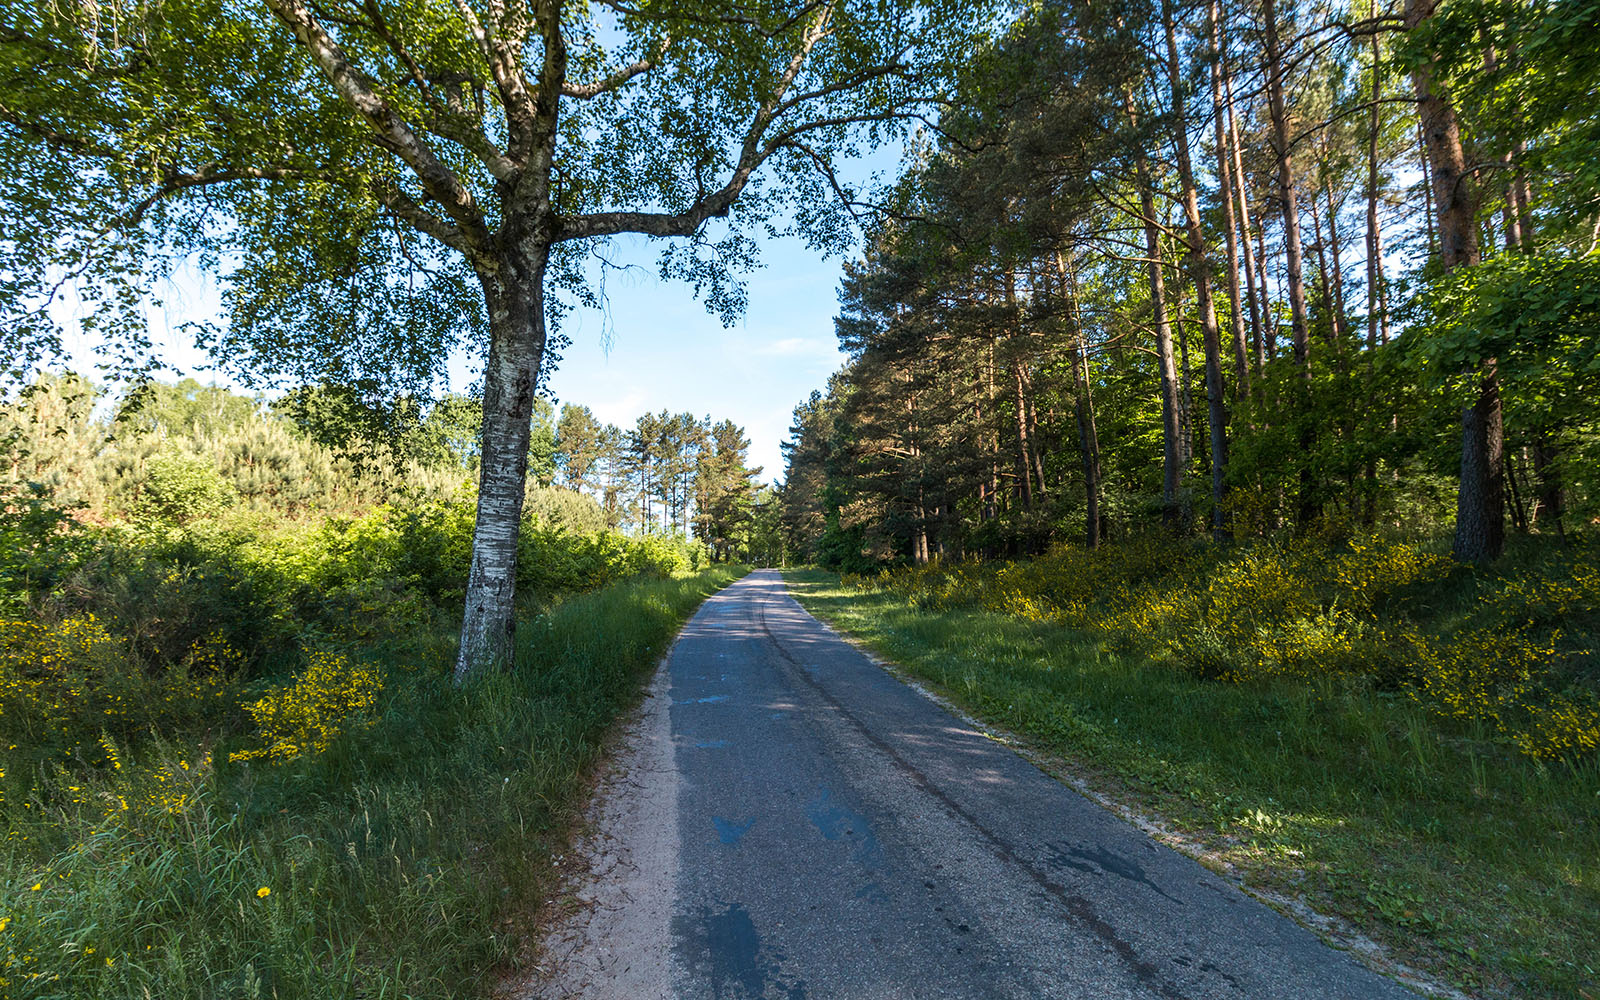 Droga Czarne wielkie wDrawskim Parku Krajobrazowym